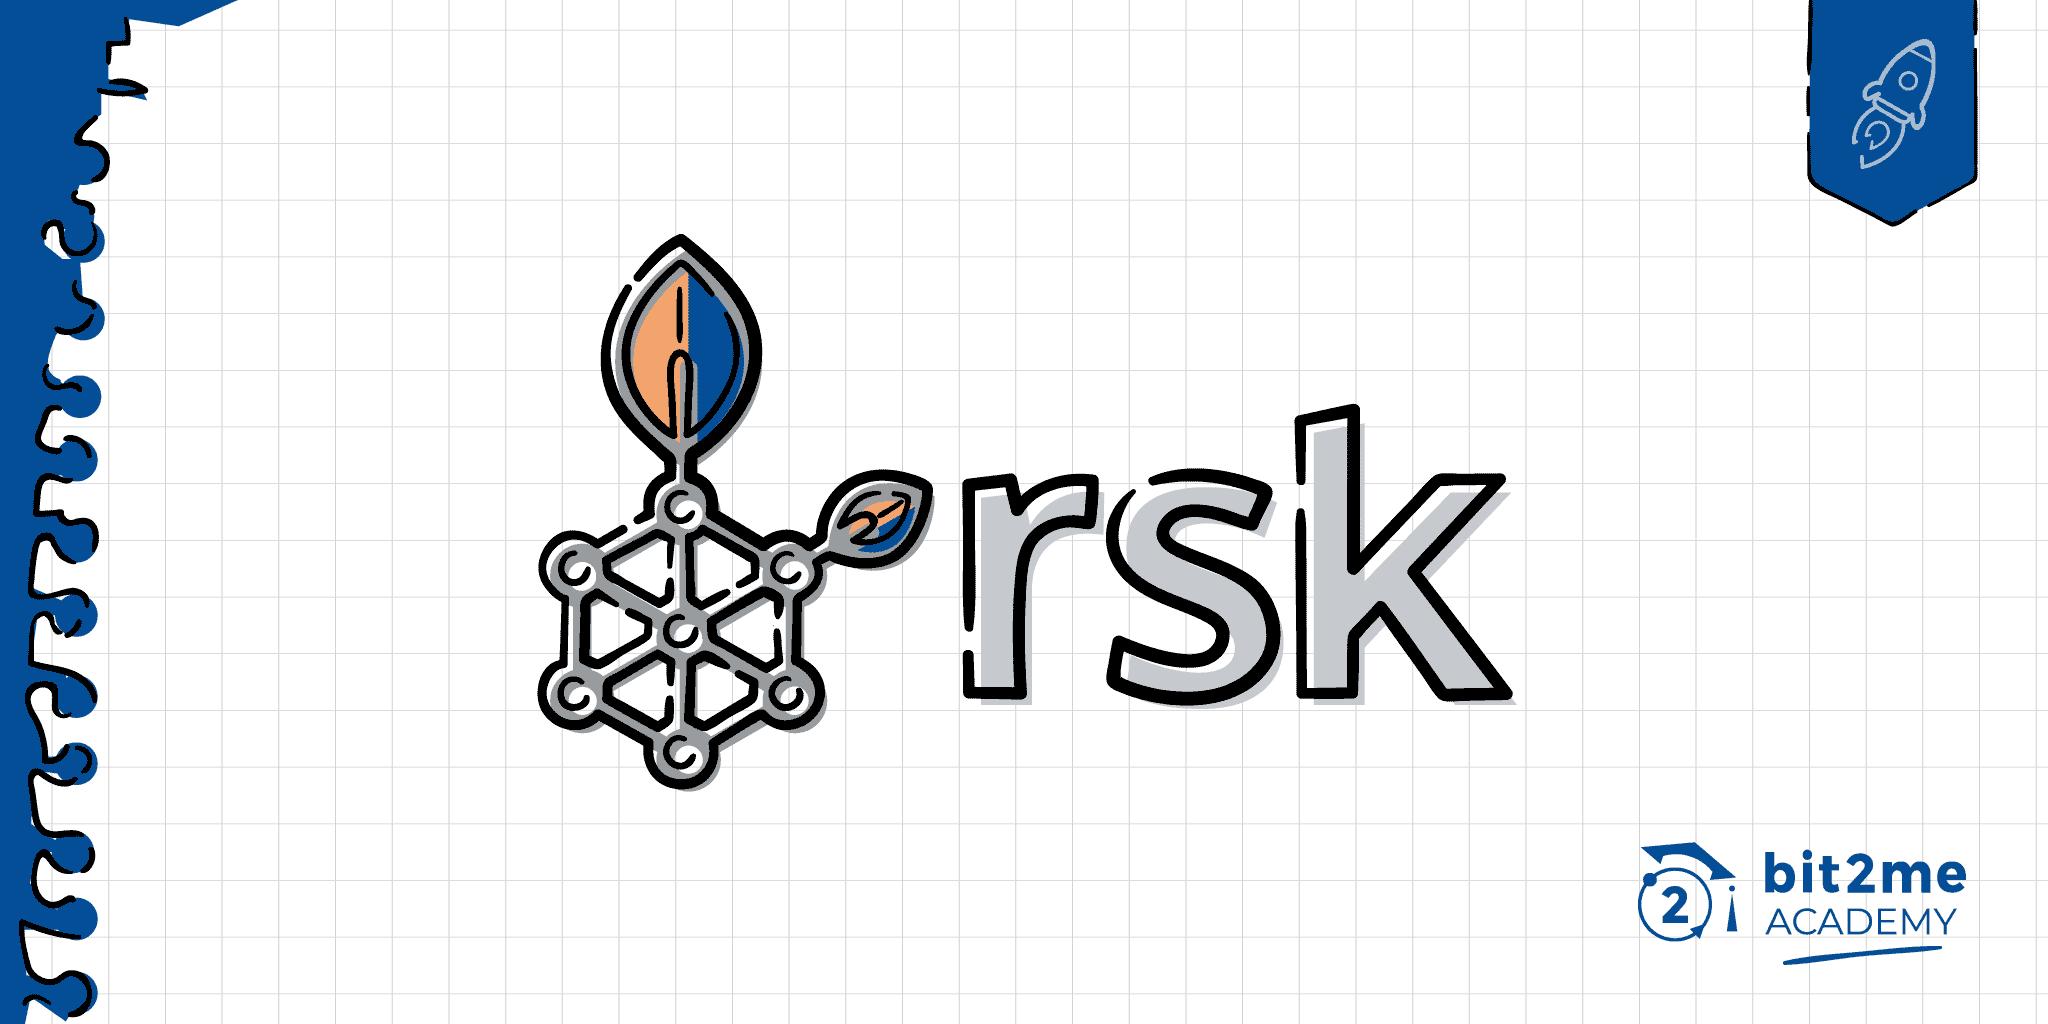 o que é porta-enxerto, o que é rsk, o que é rsk bitcoin